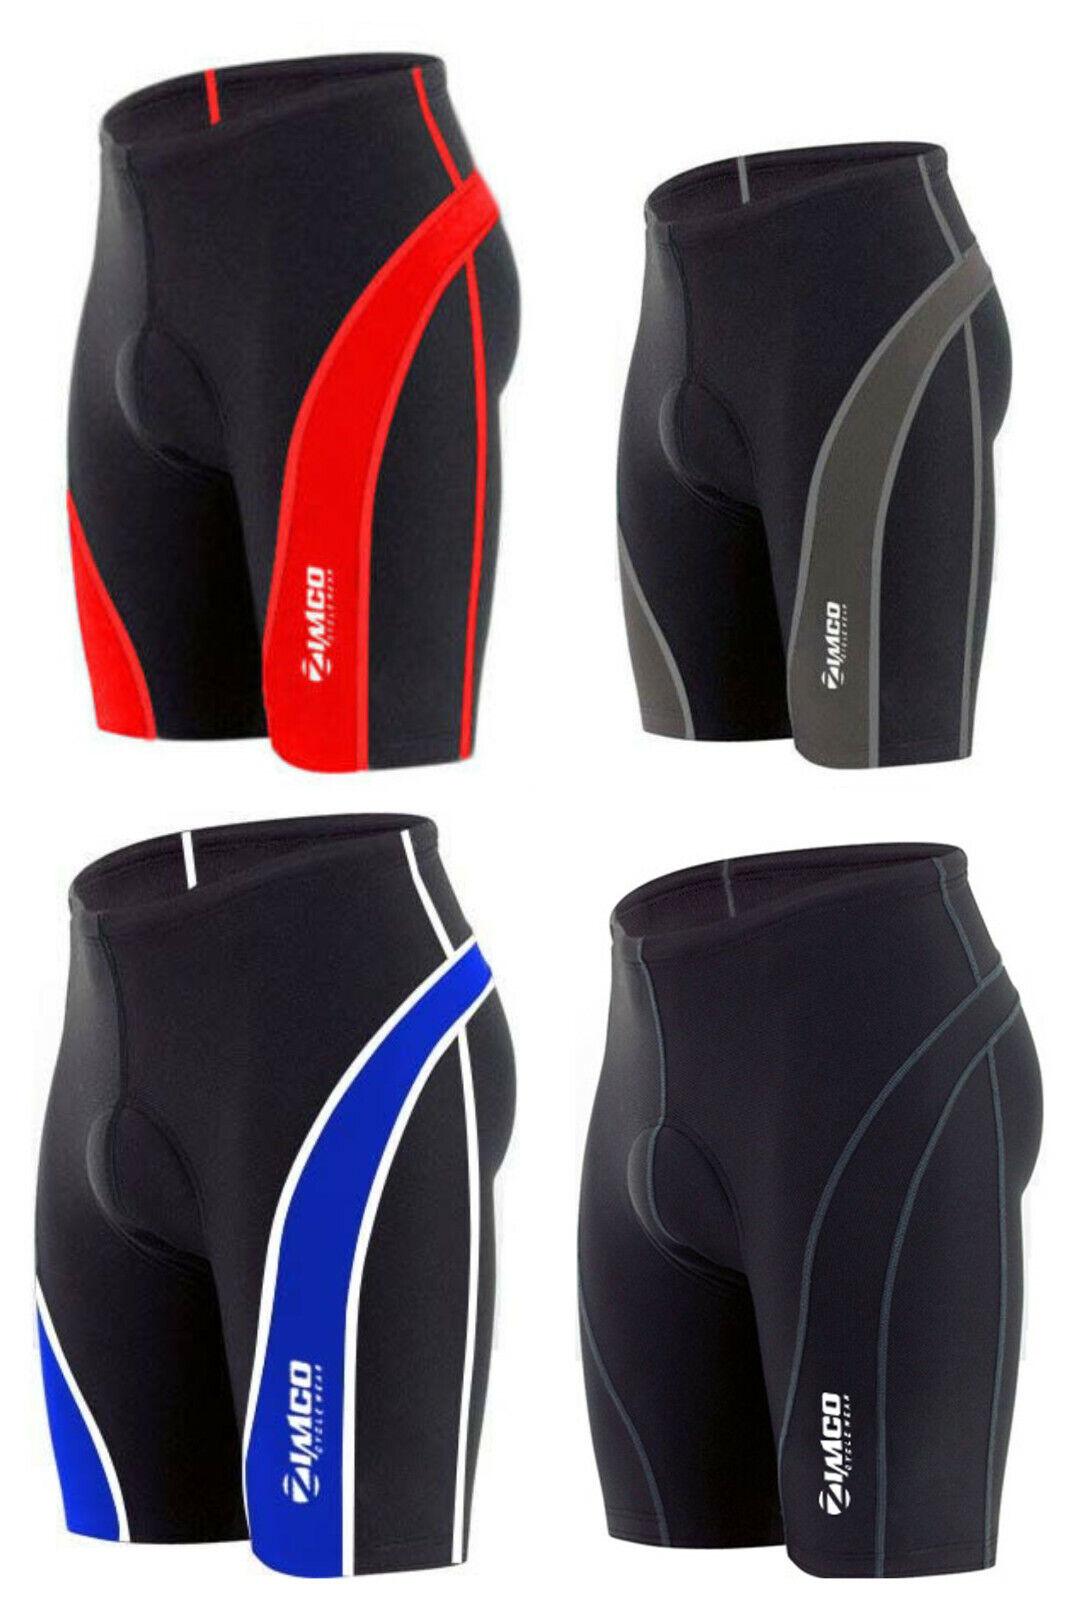 Zimco Pro Cycling Shorts Biking Bicycle Bike Shorts Black CO